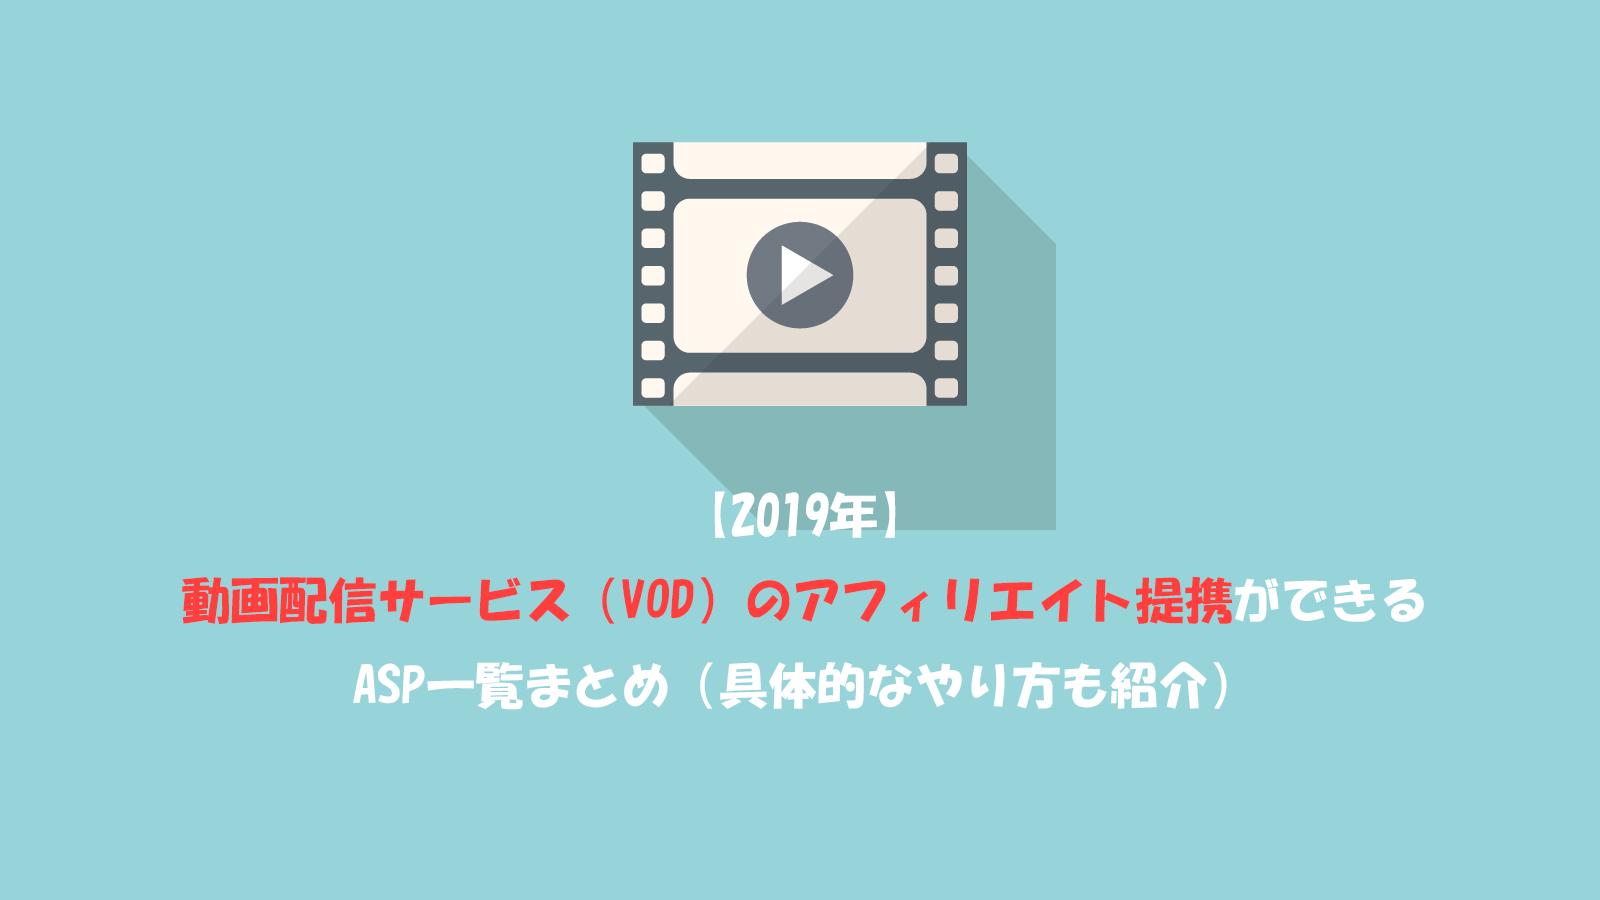 【2019年】動画配信サービス(VOD)アフィリエイトができるASP一覧(具体的なやり方も紹介)